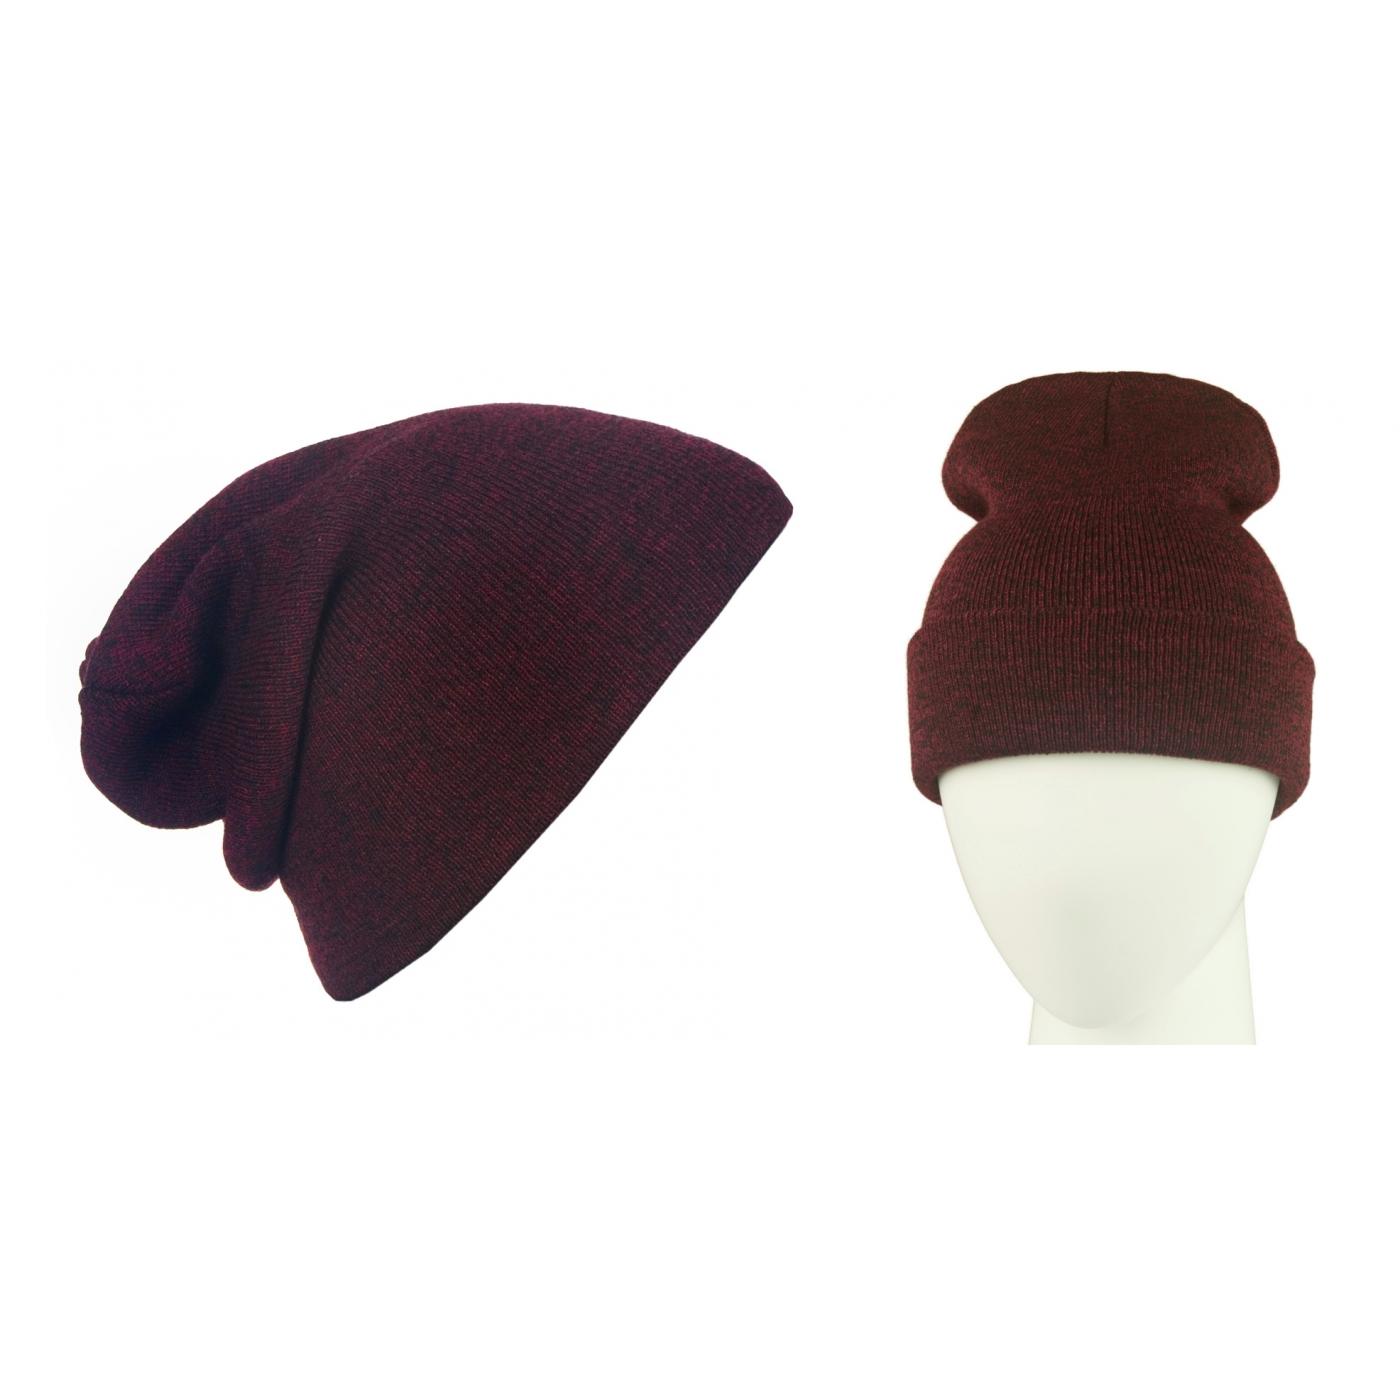 Męska czapka zimowa krasnal 3w1 - burgund melanż